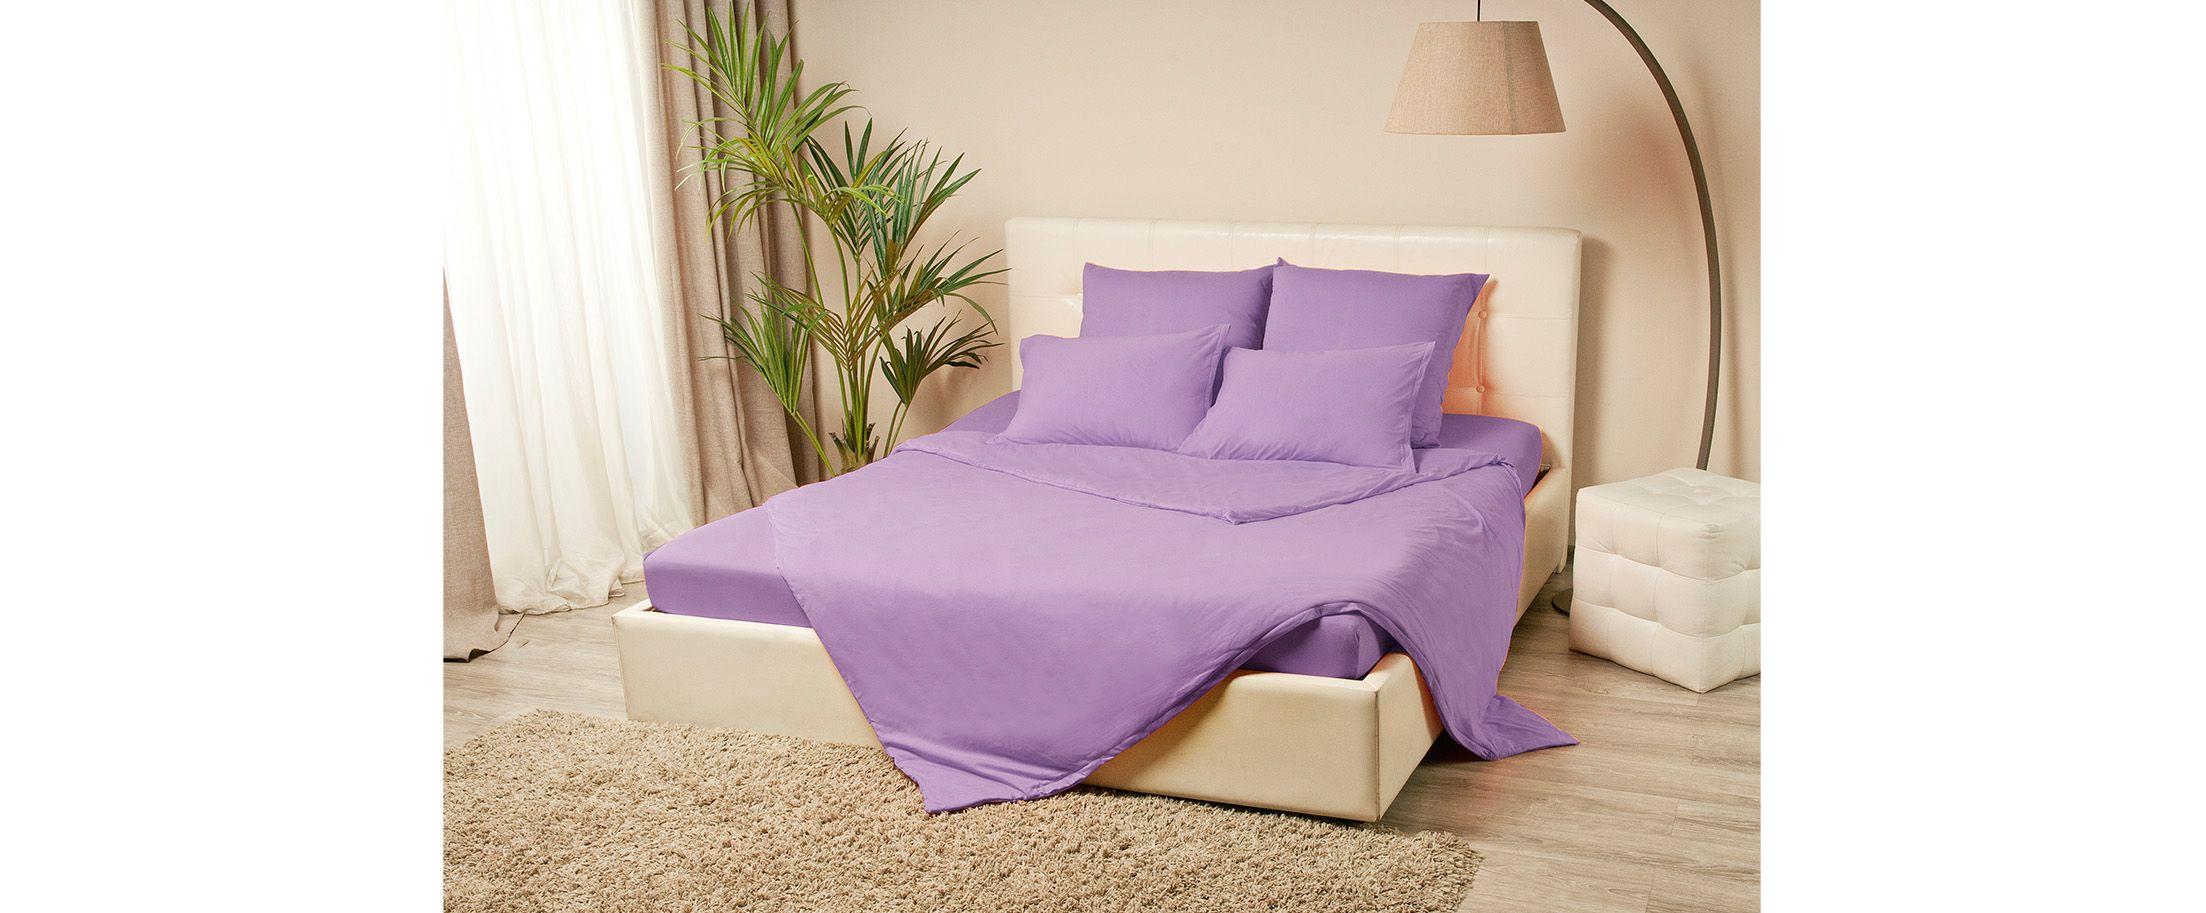 Простыня трикотажная на резинке 200х200 сиреневого цвета Violett Модель 4000Простыня трикотажная на резинке 200х200 Violett Модель 4000. Артикул К000627<br>